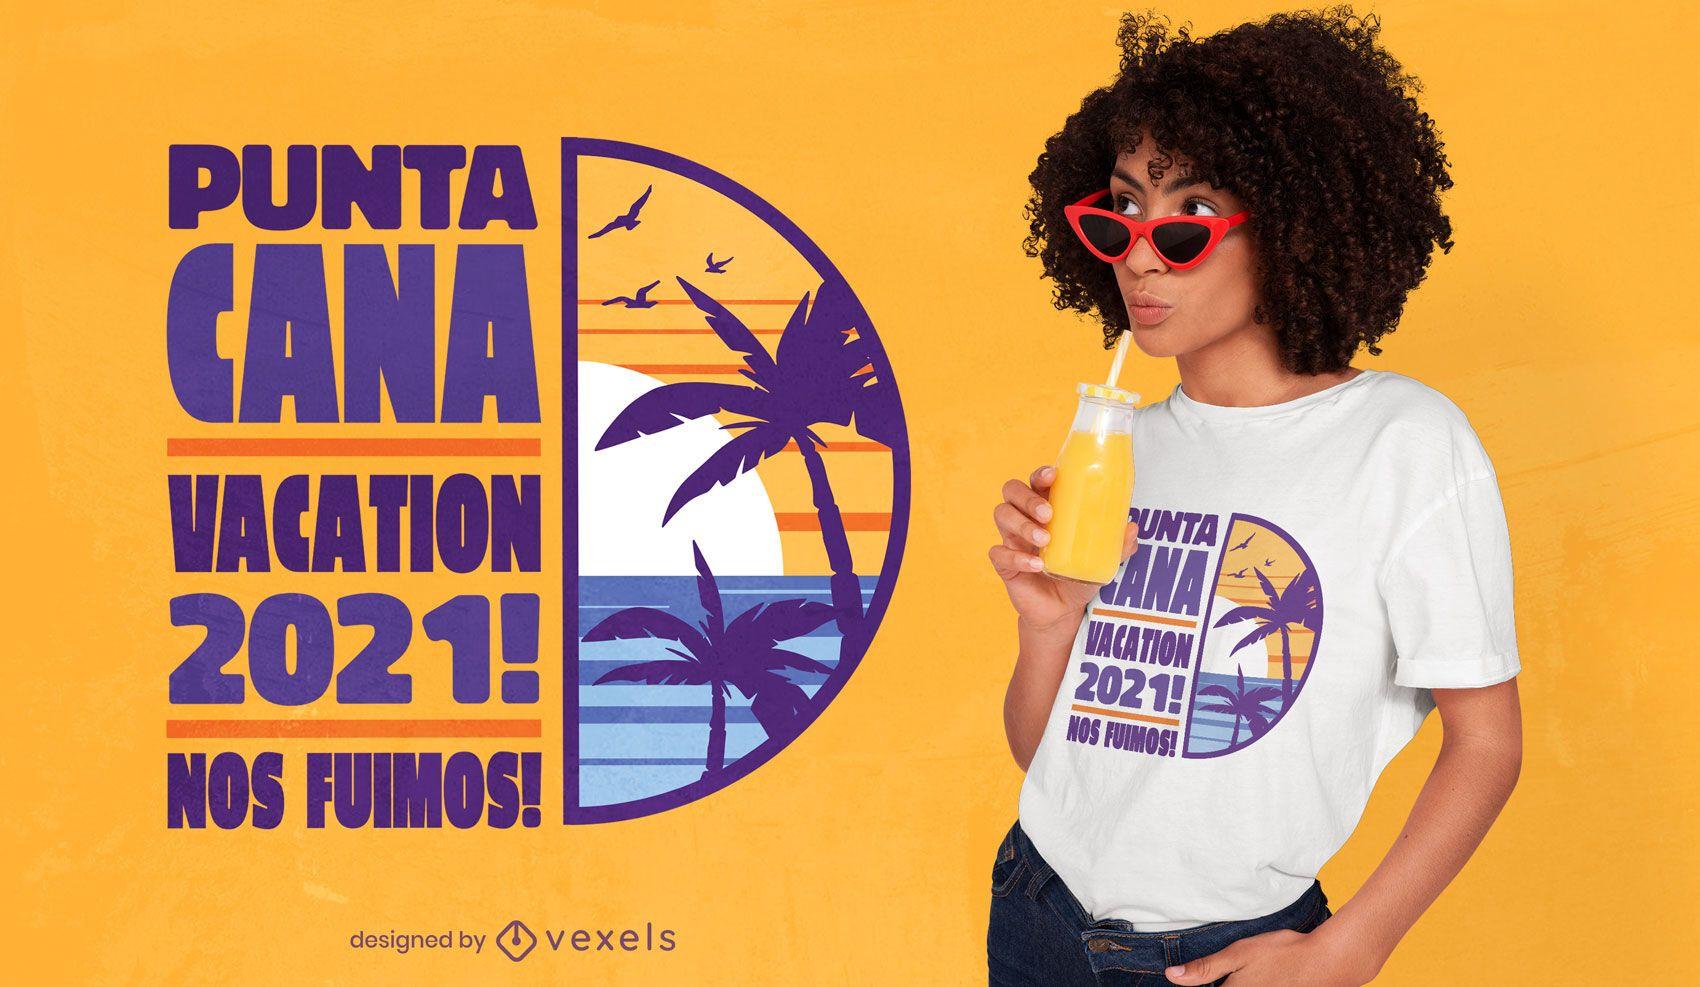 Diseño de camiseta de cita de vacaciones en punta cana.